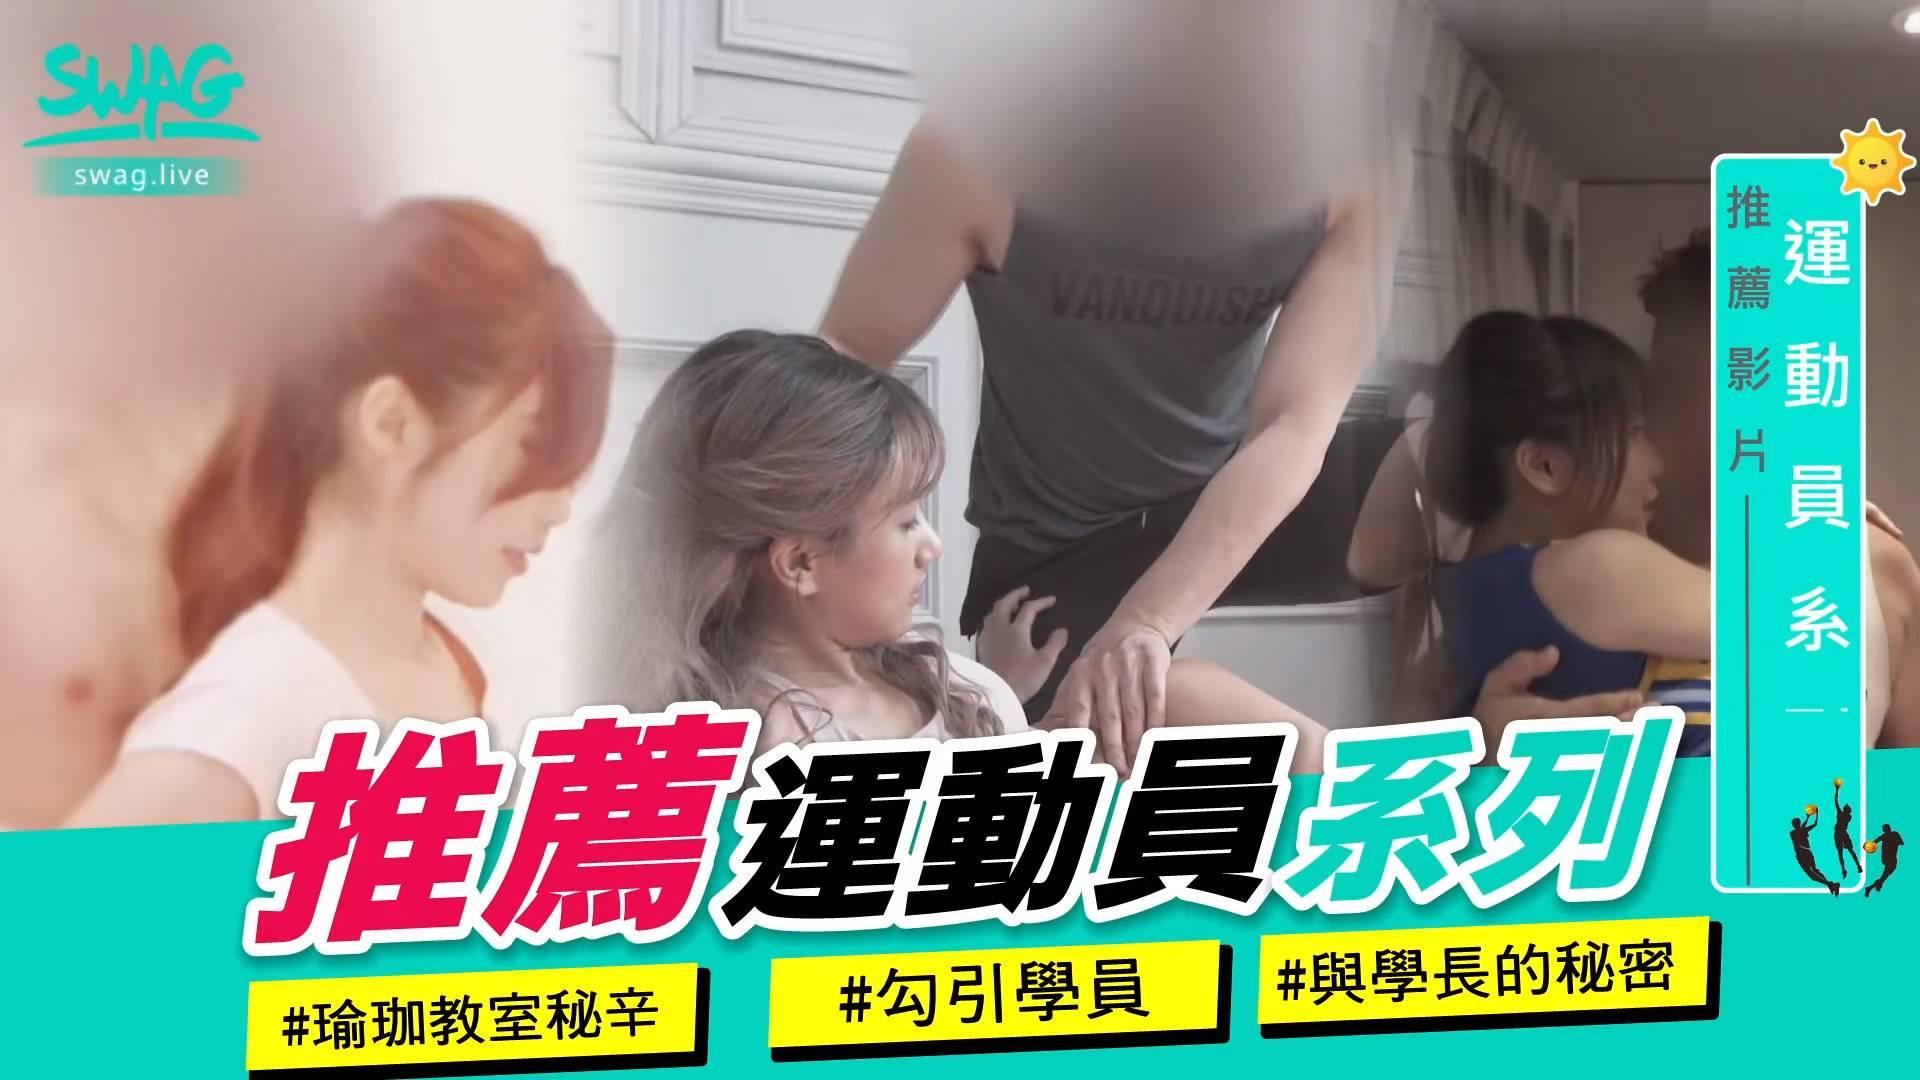 台湾SWAG推荐《3部运动员系列》啦啦队员与篮球队长的咸湿约定!-福利巴士